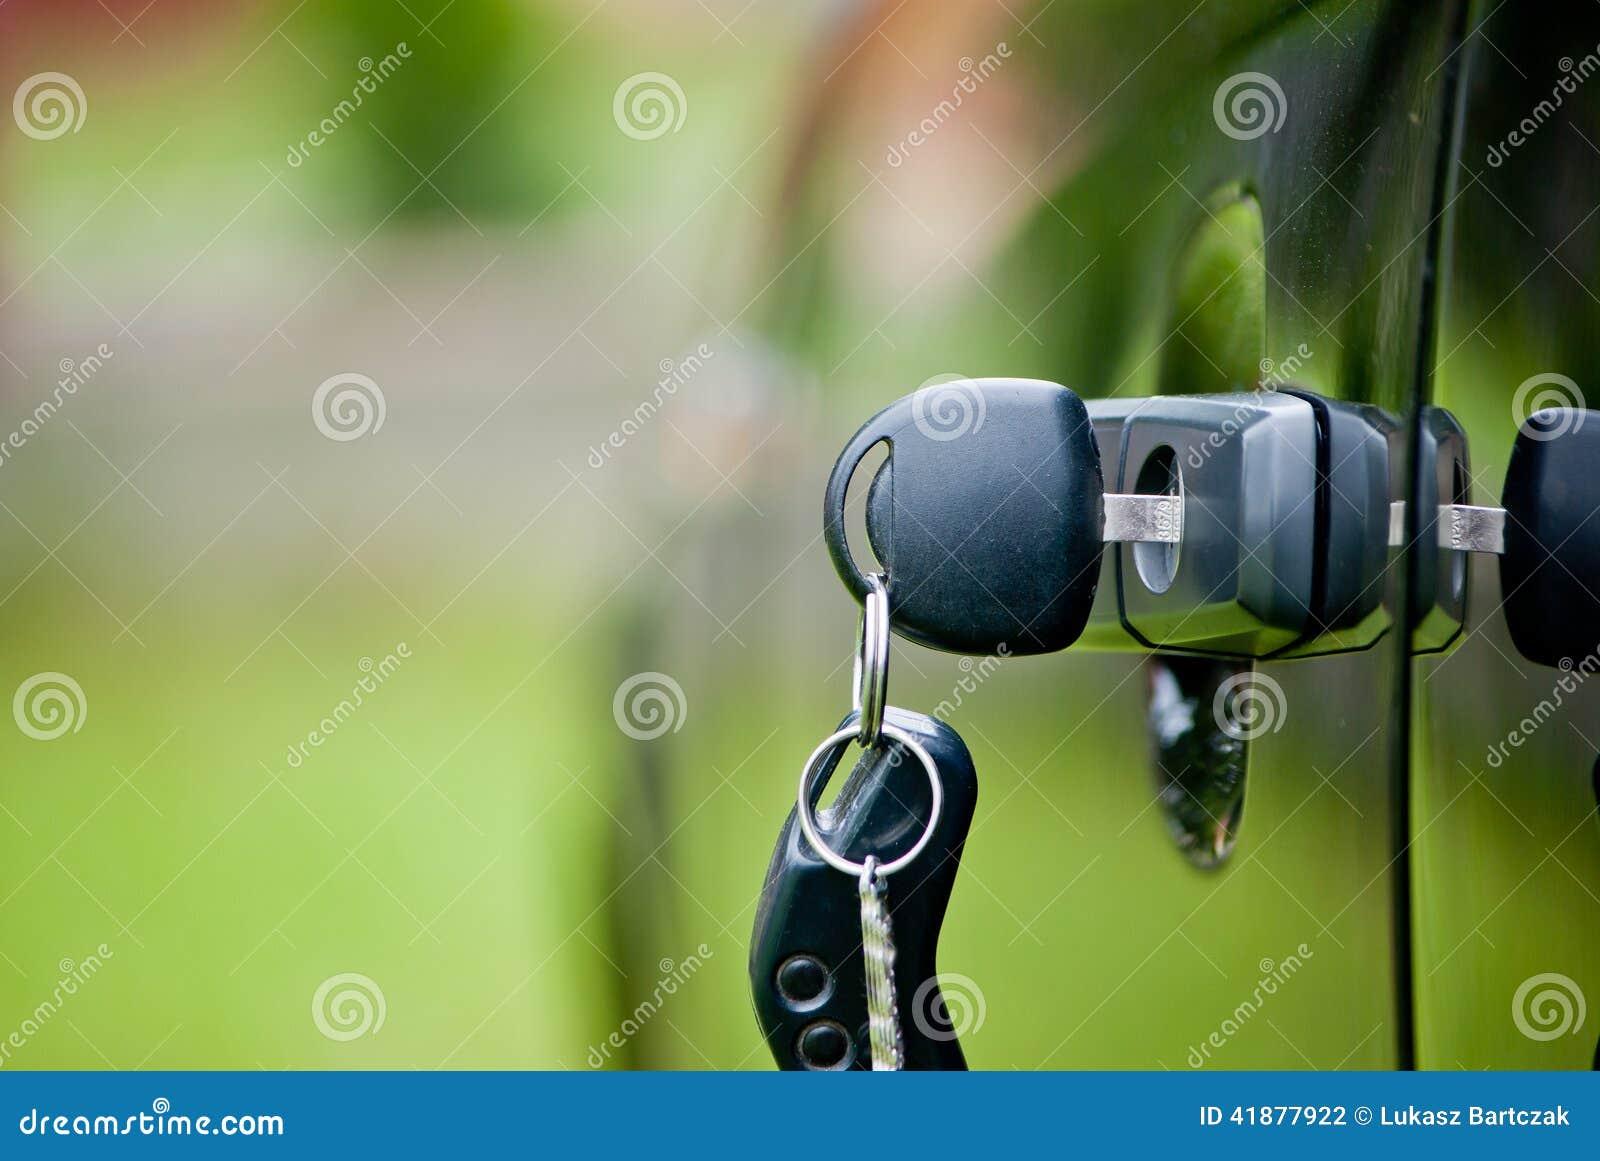 Car keys in a lock